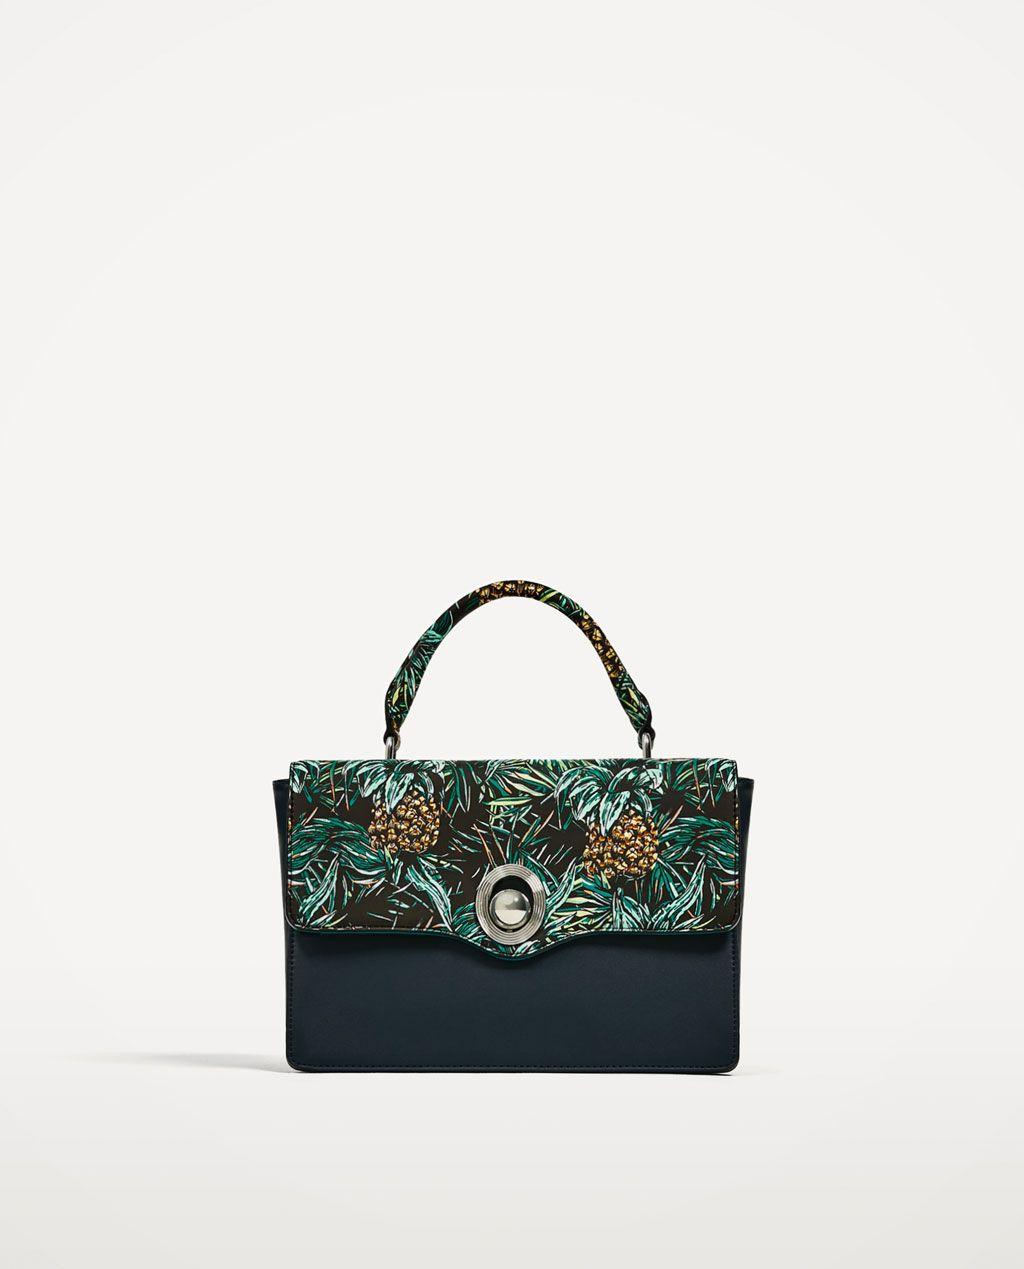 e28ef495fa81c Typu City Bags I Bags Wymienną Bag Torebka Z Zara Klapą aPq54